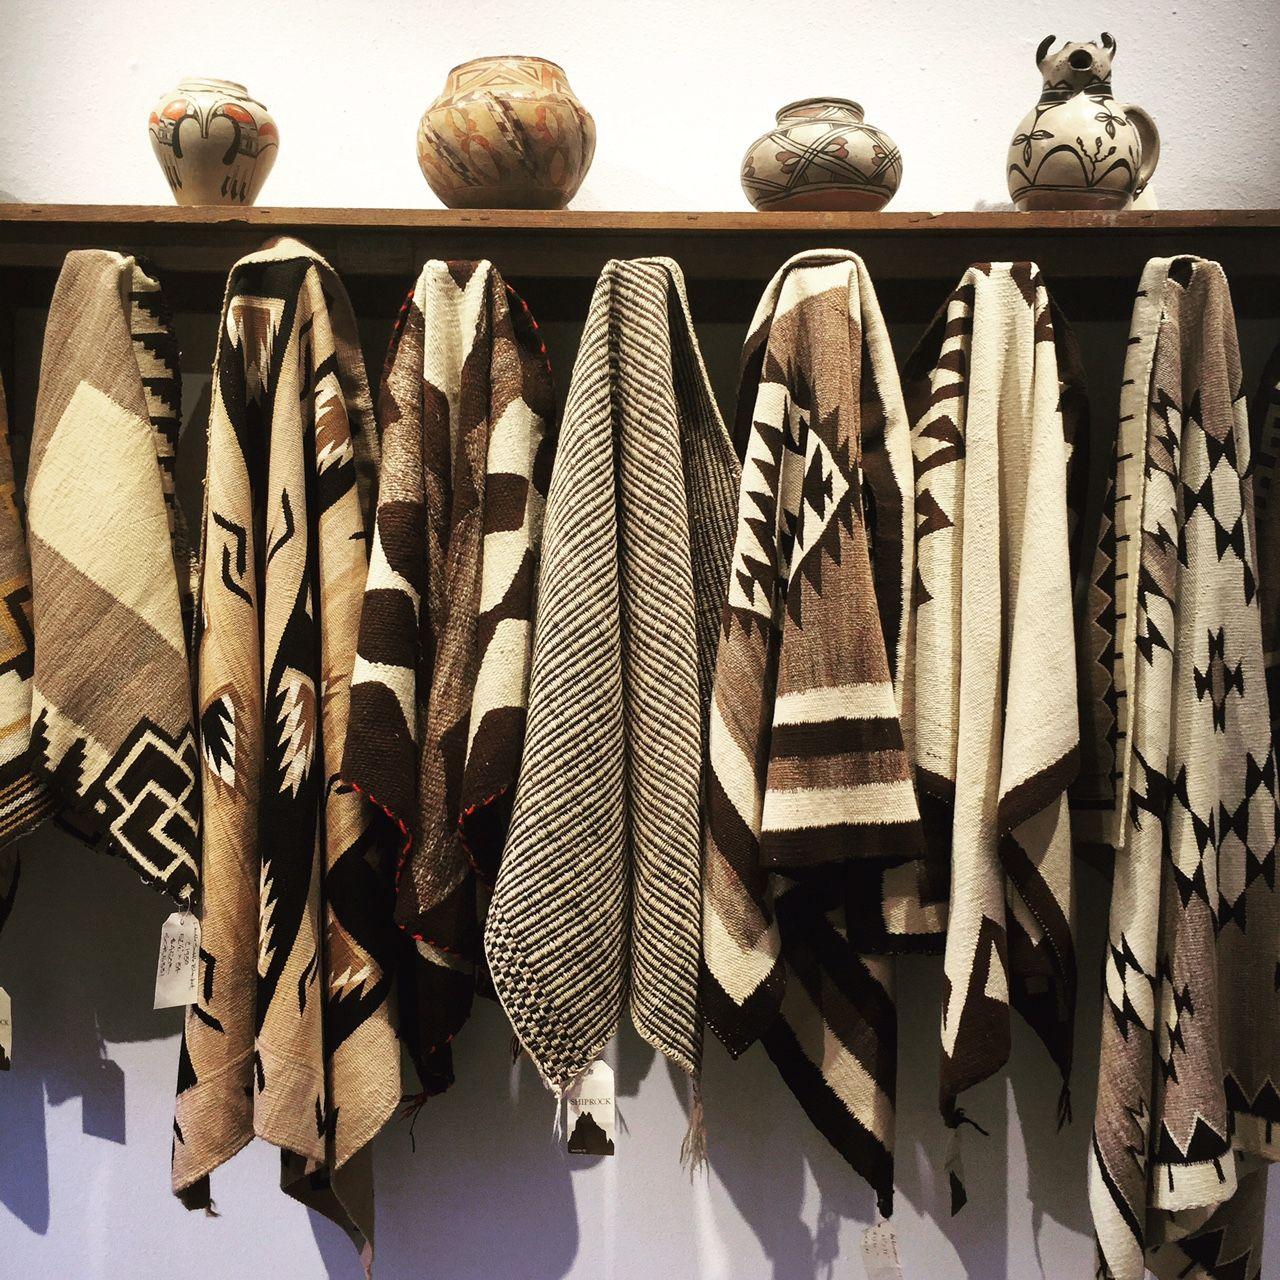 Native American Rugs In Santa Fe: Pueblo Pots And Navajo Natural Hued Textiles At Shiprock